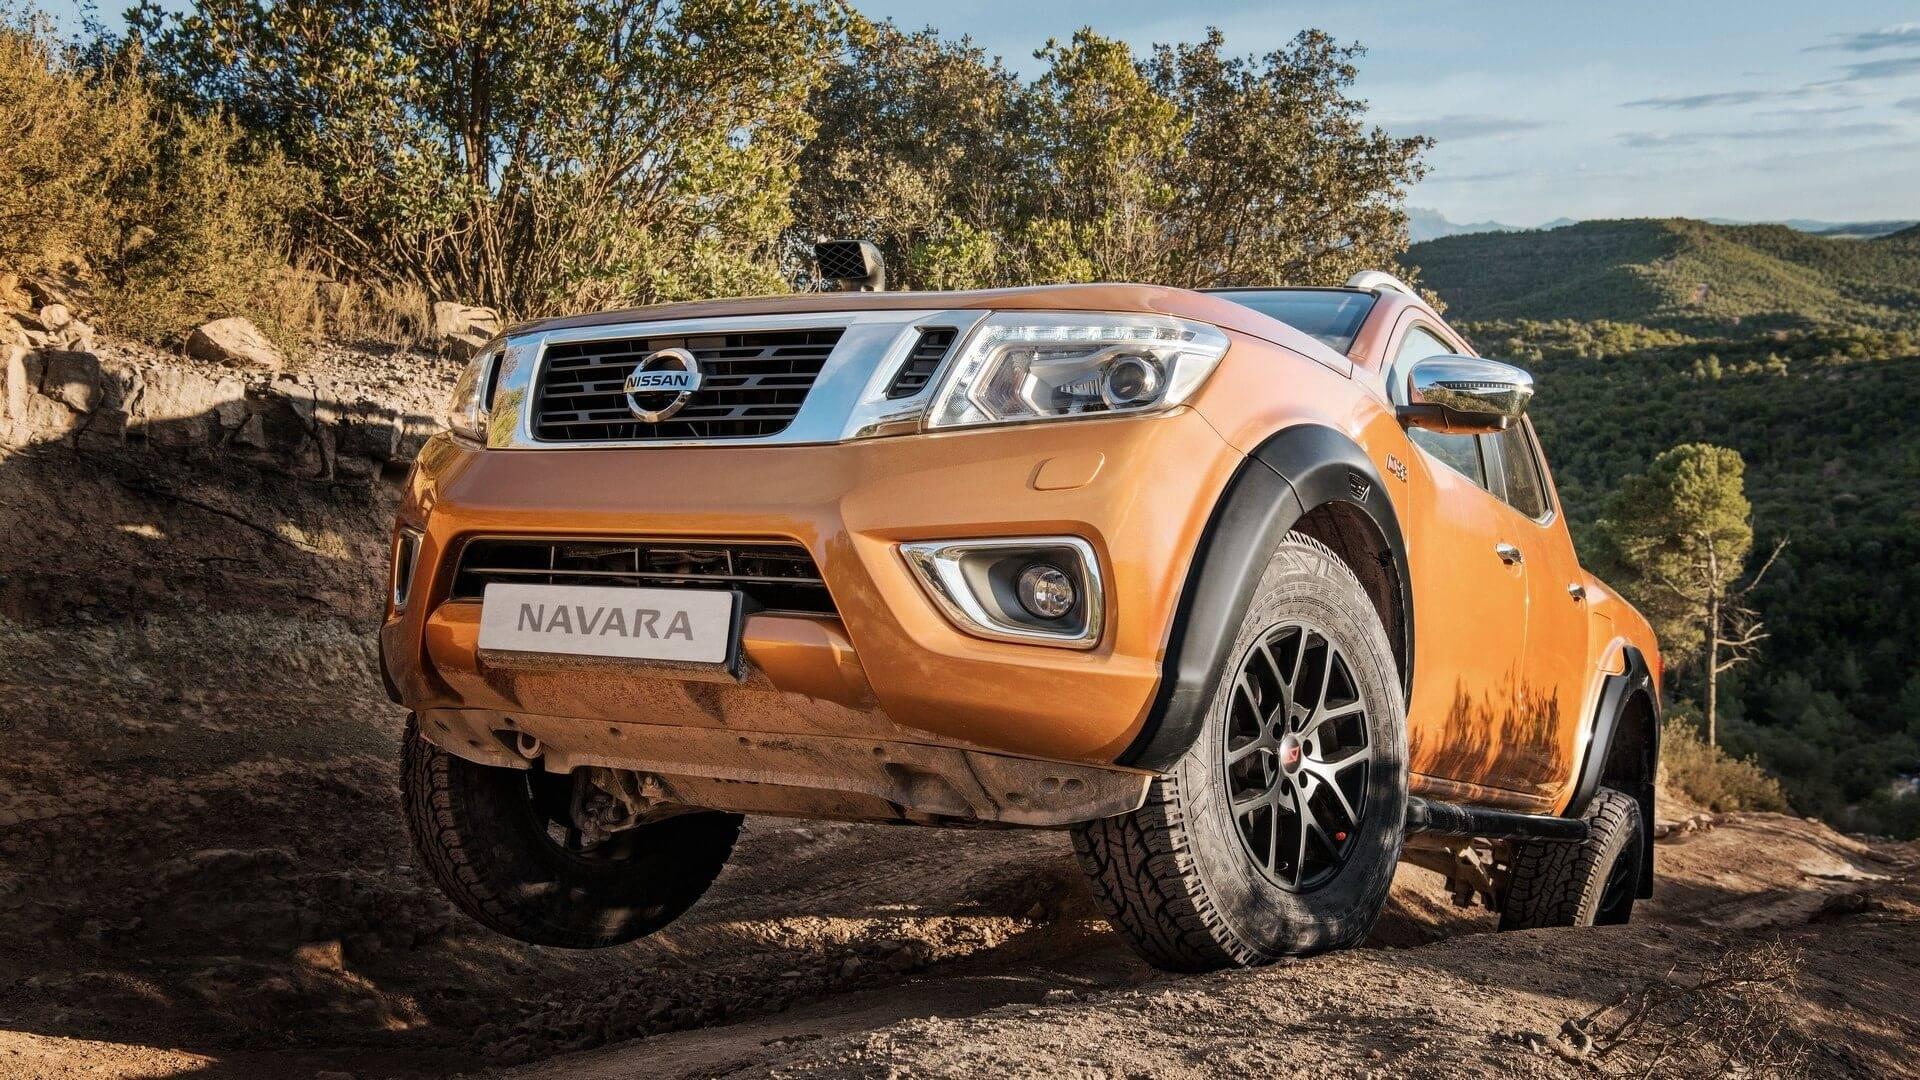 Nissan Navara Off Roader At32 Sets Sights On Ranger Raptor